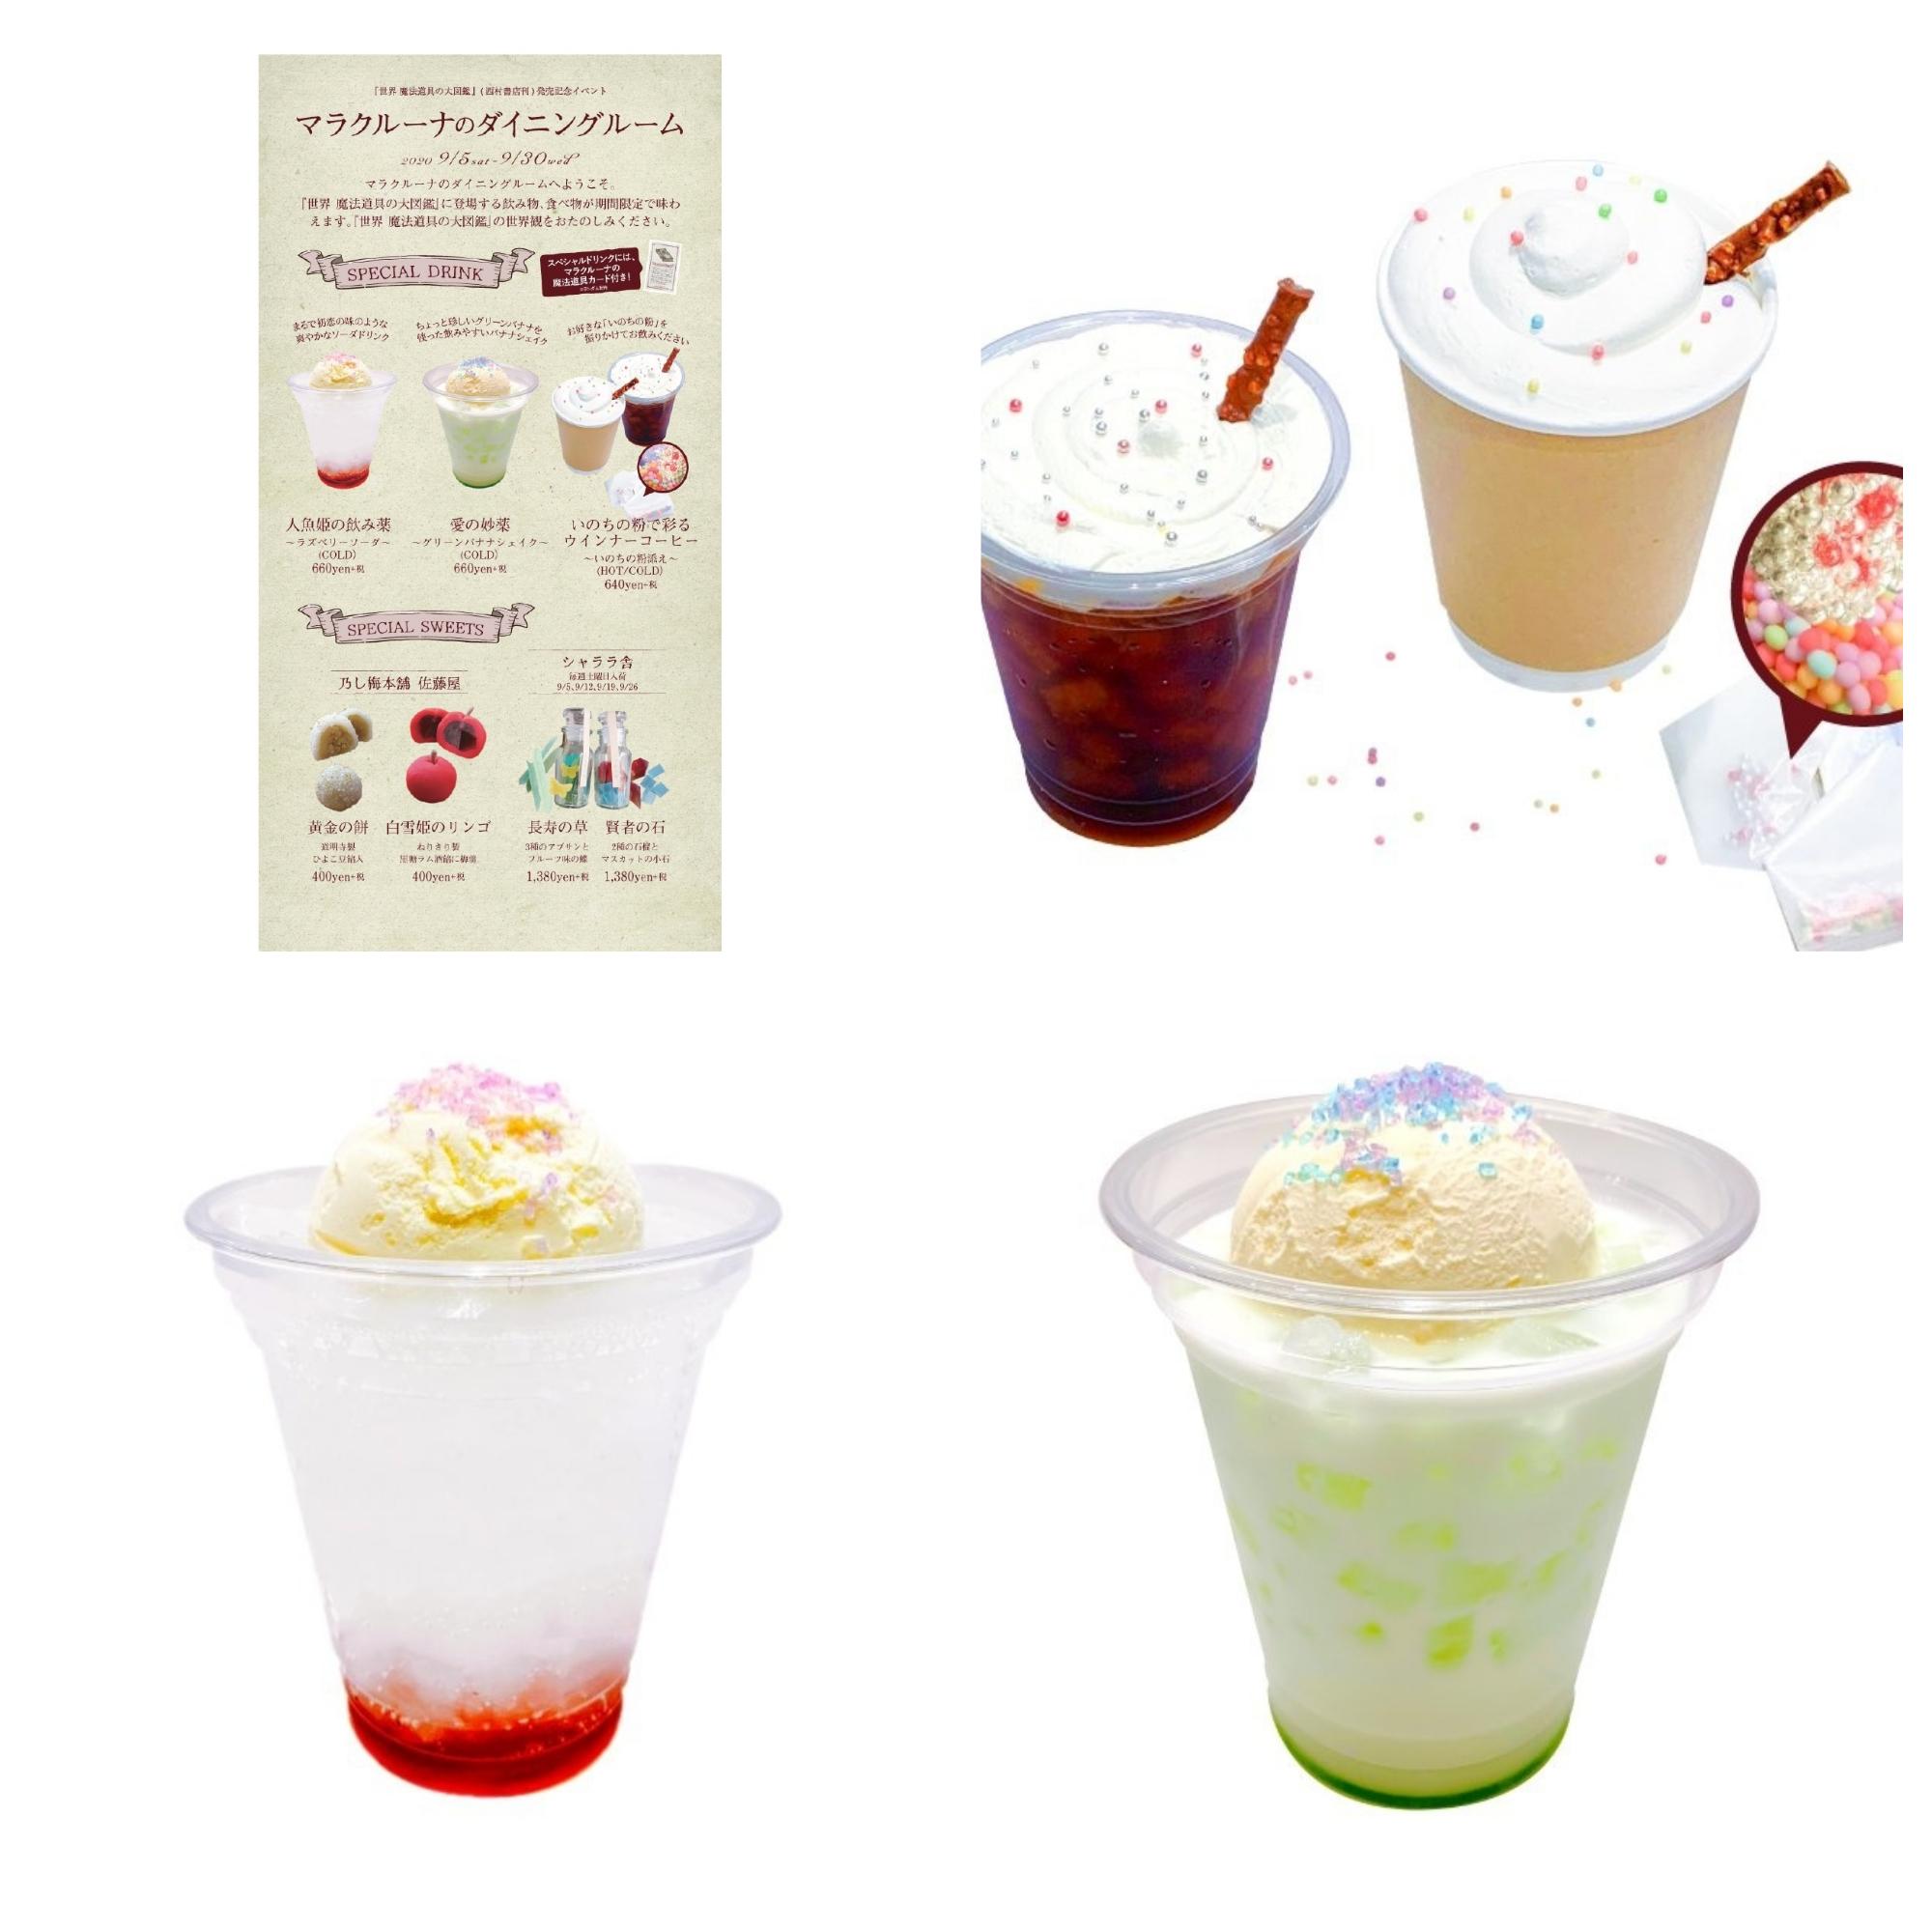 魔法の館_special drink